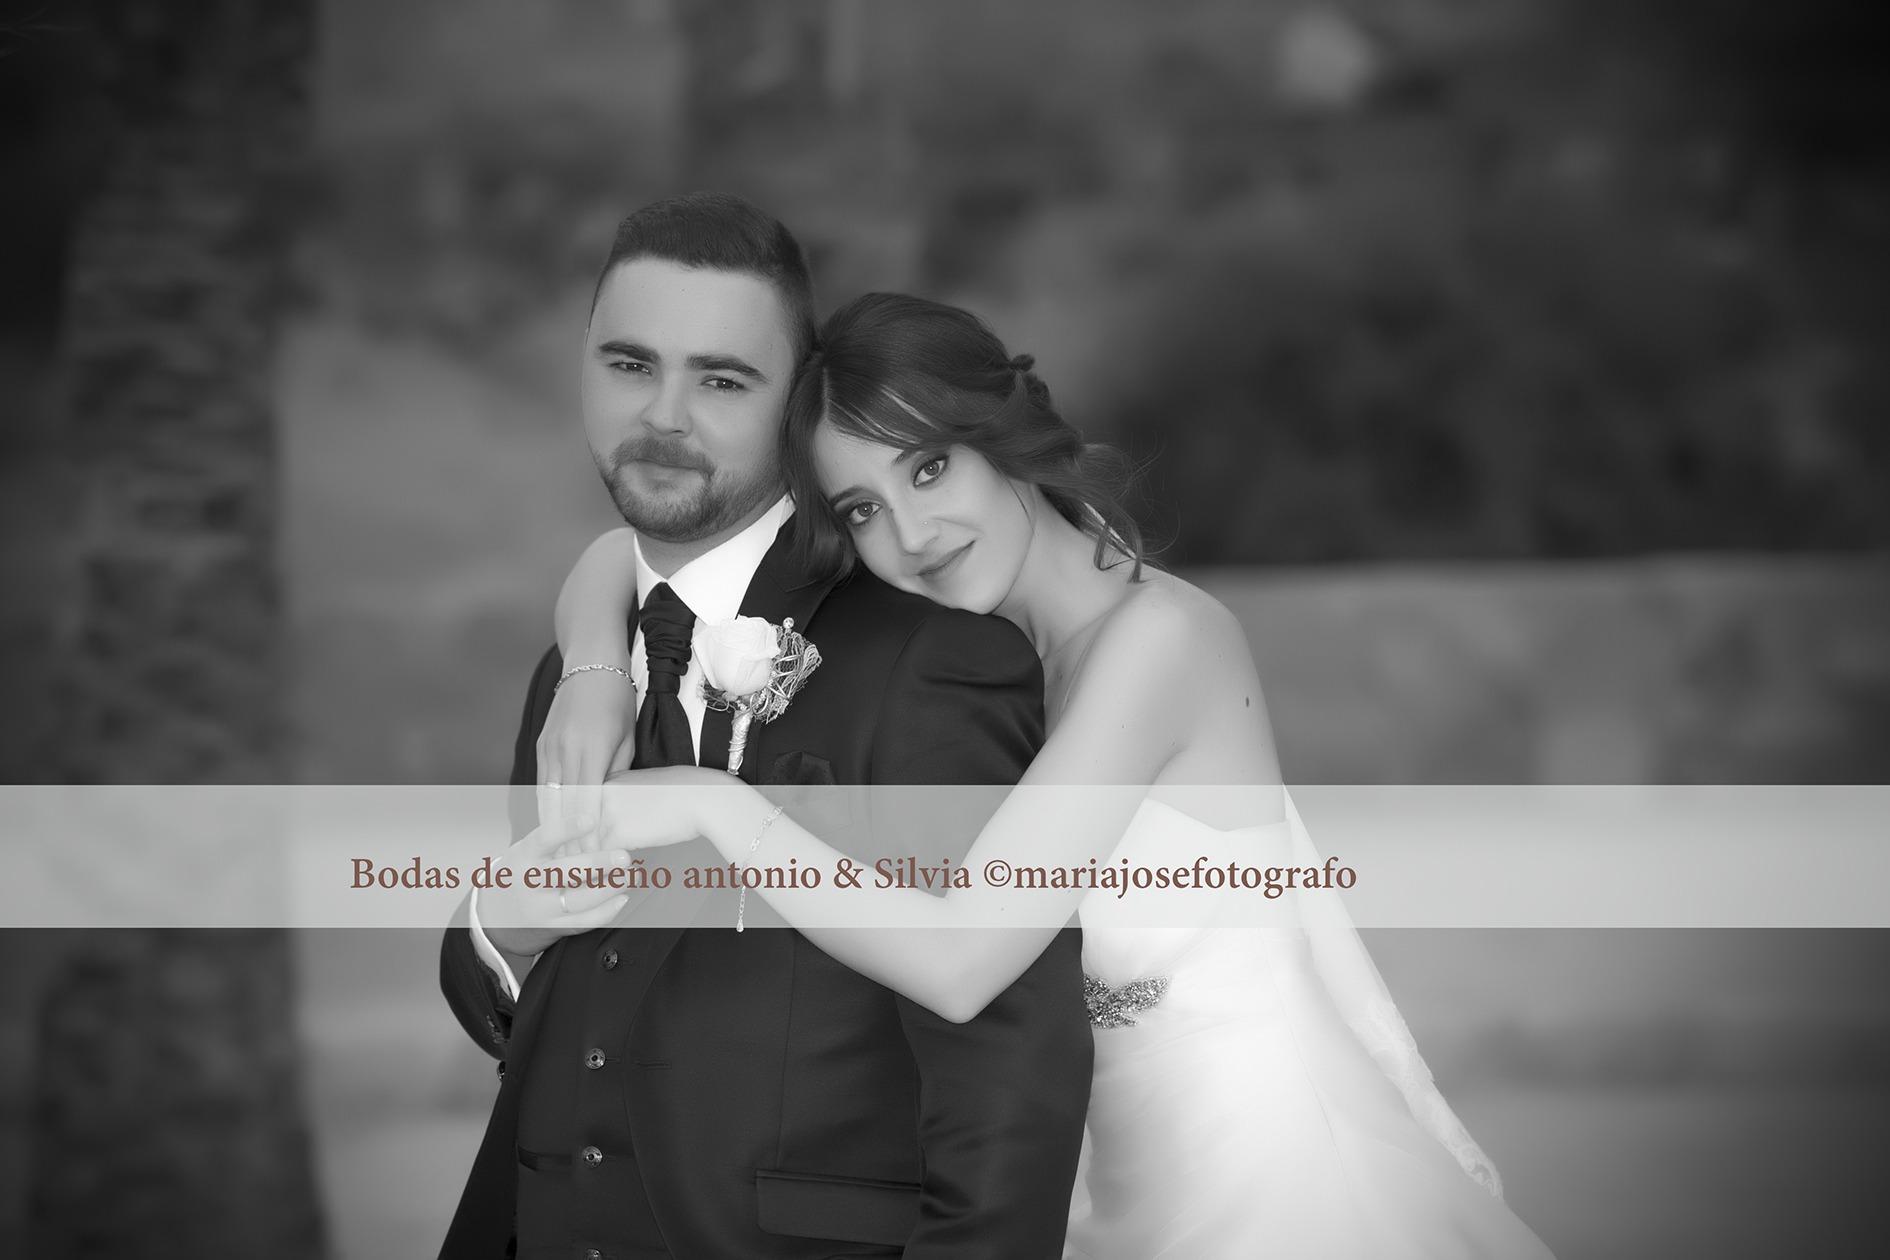 Antonio & Silvia